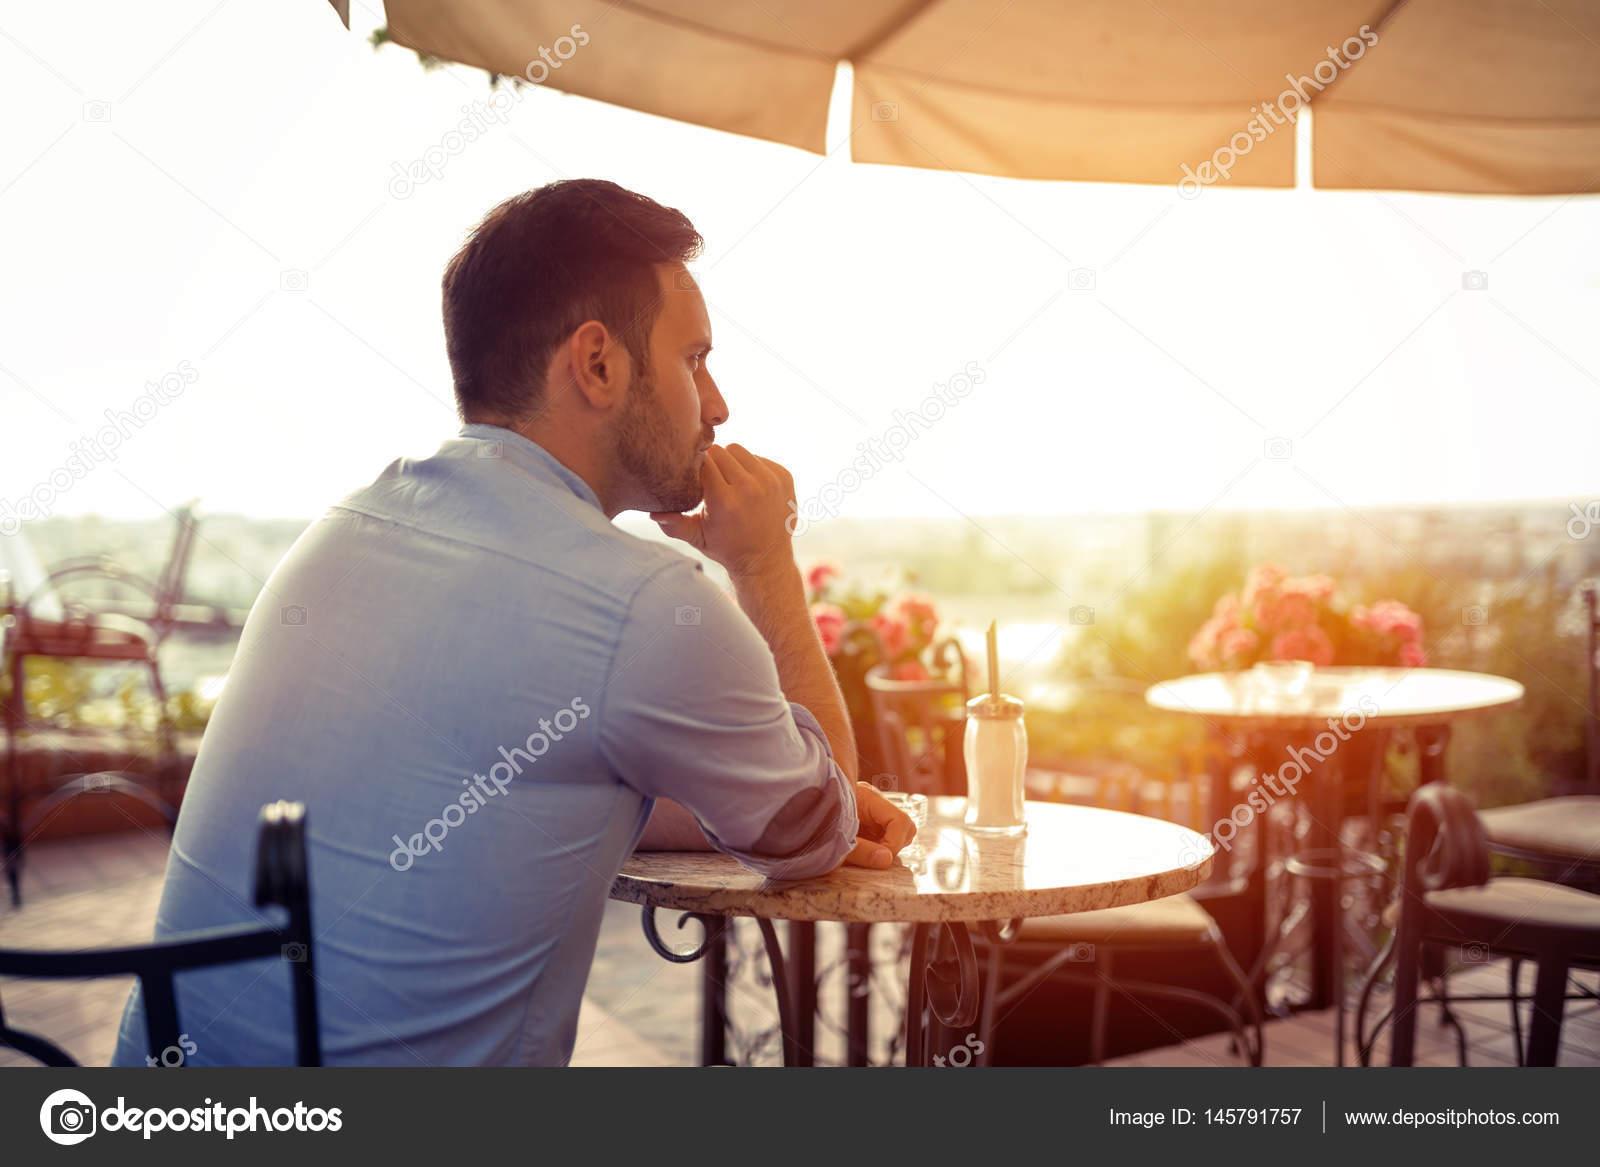 warum man single ist vrući muški profil za upoznavanje